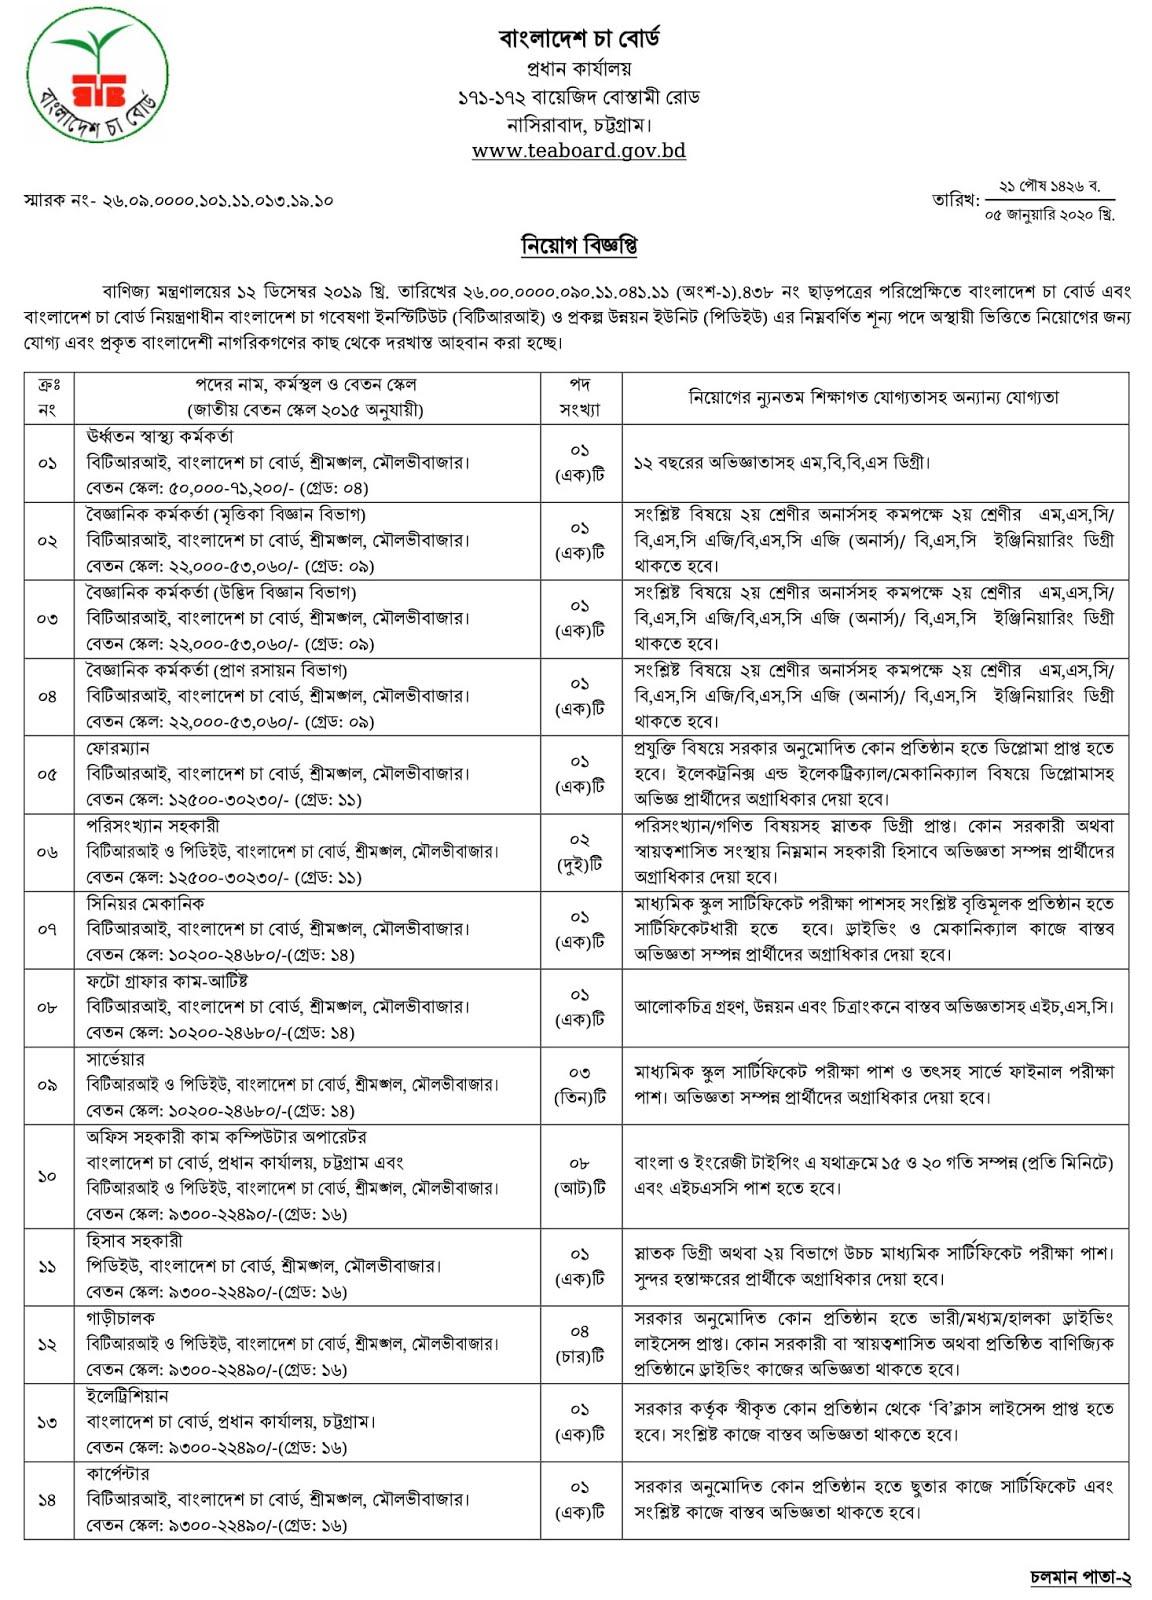 বাংলাদেশ চা বোর্ডে চাকরির নিয়োগ বিজ্ঞপ্তি ২০২০ Tea Board Job Circular 2020